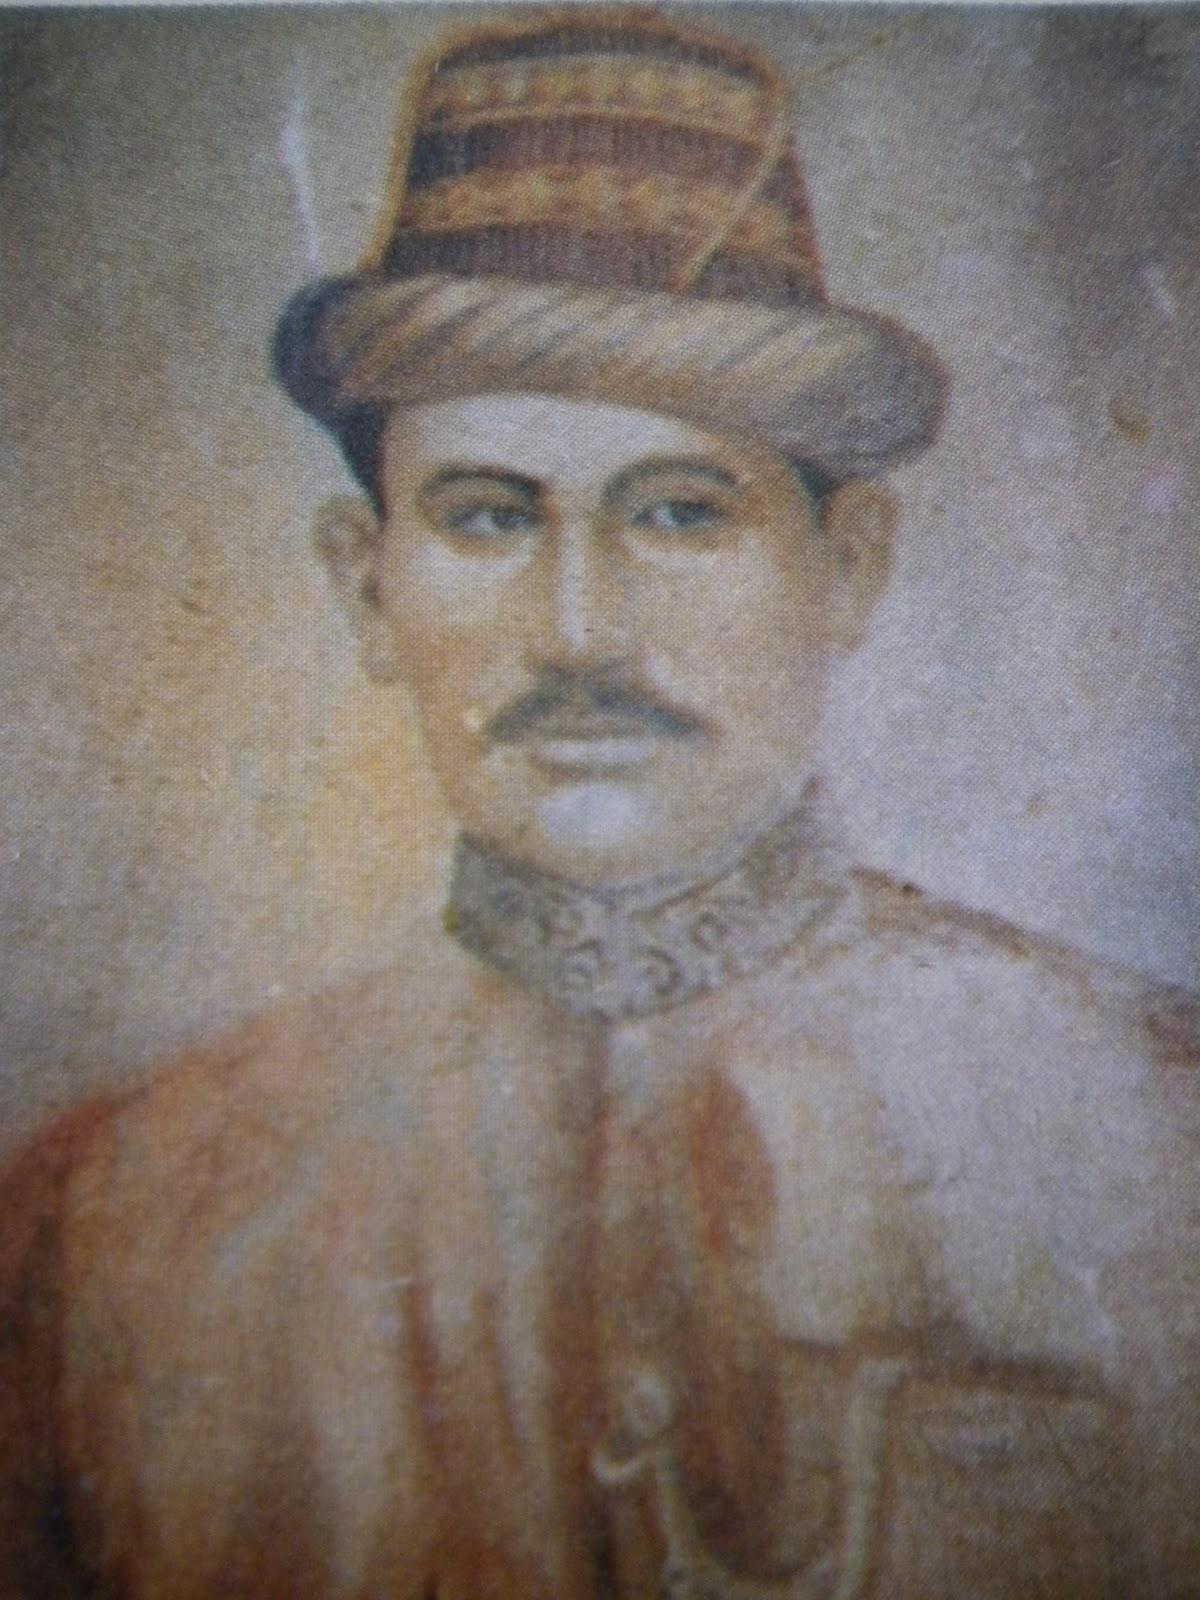 Institusi Raja Raja Melayu Nusantara 033 Sultan Alauddin Ri Ayat Syah Iii Raja Mansor Raja Johor Riau V 1597 1613m